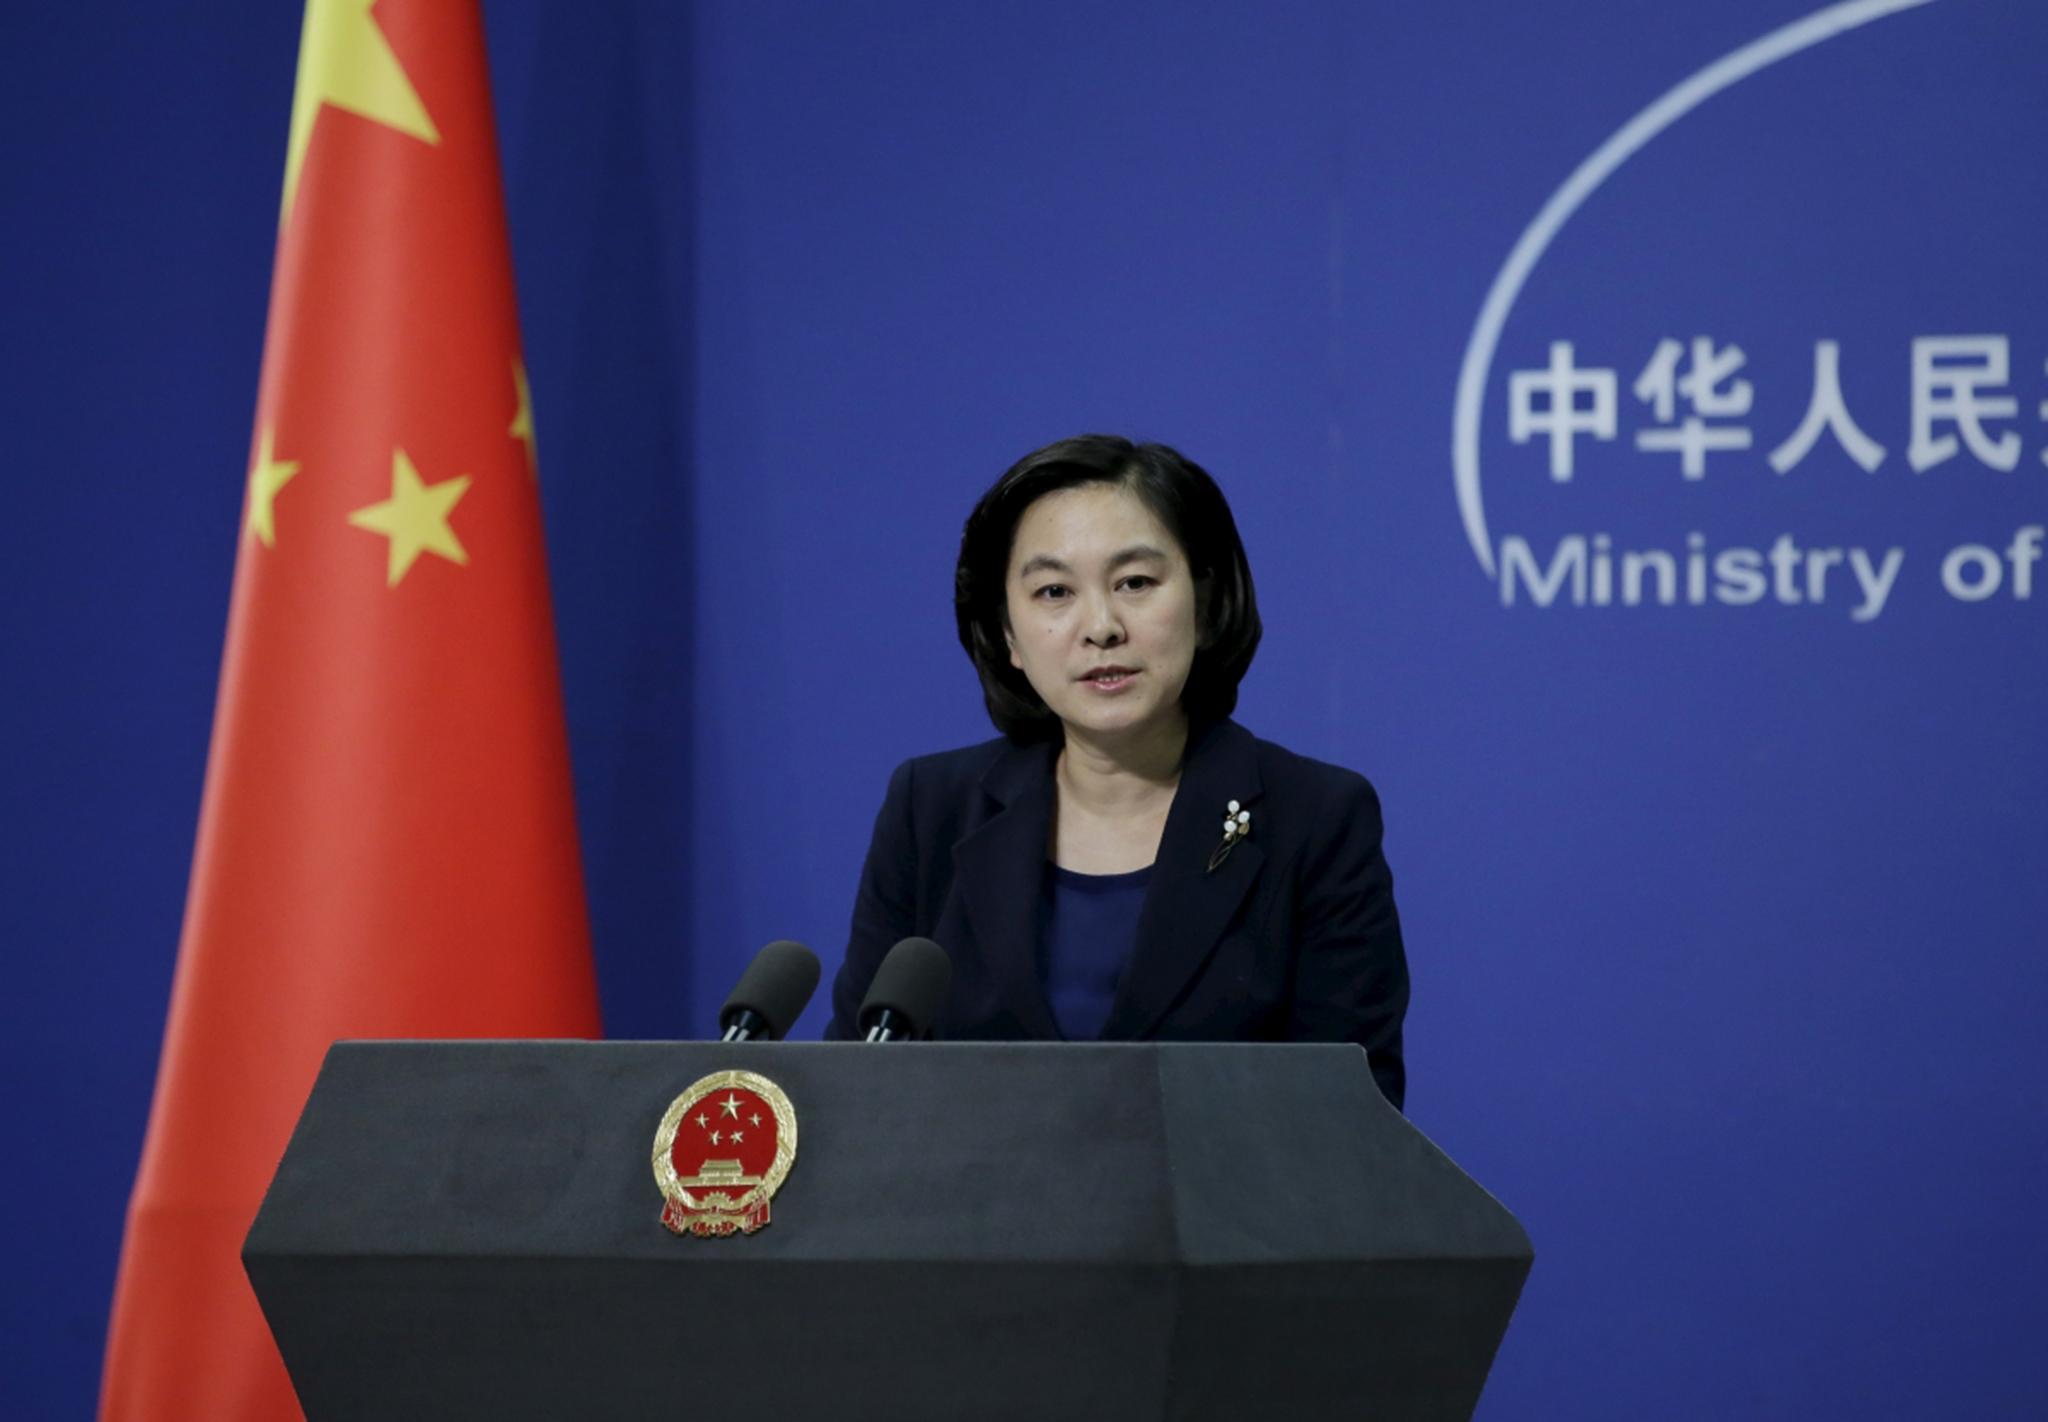 Cancelada isenção de vistos para diplomatas americanos em Macau e Hong Kong